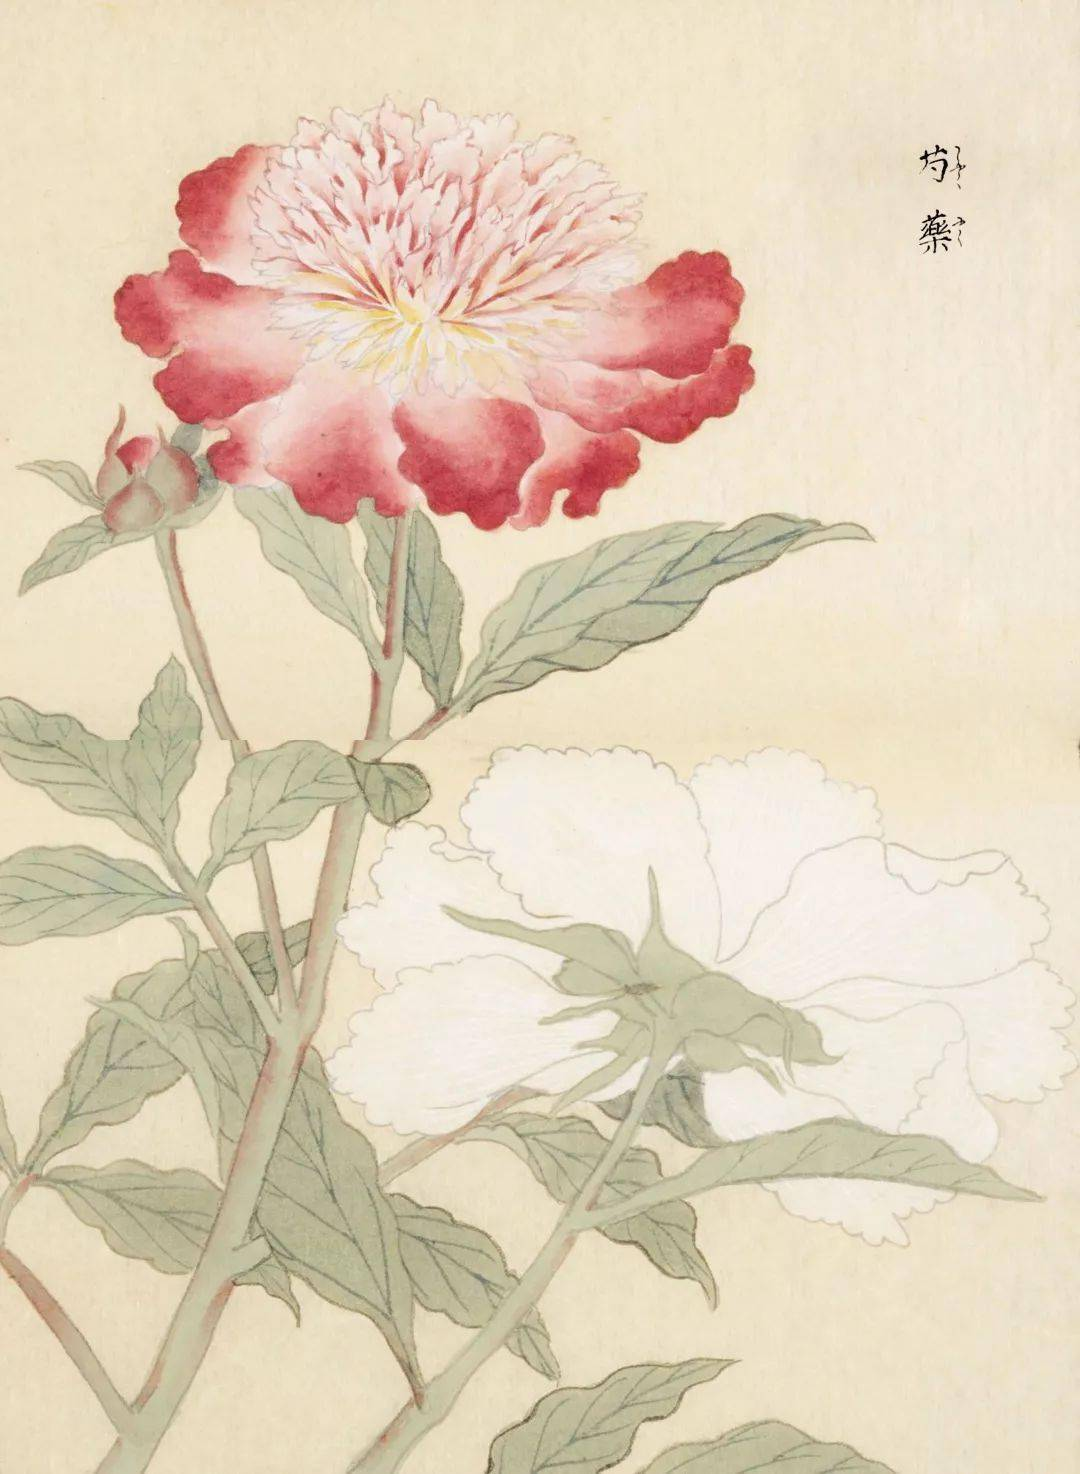 古诗词里常出现的植物,居然可以这么美!